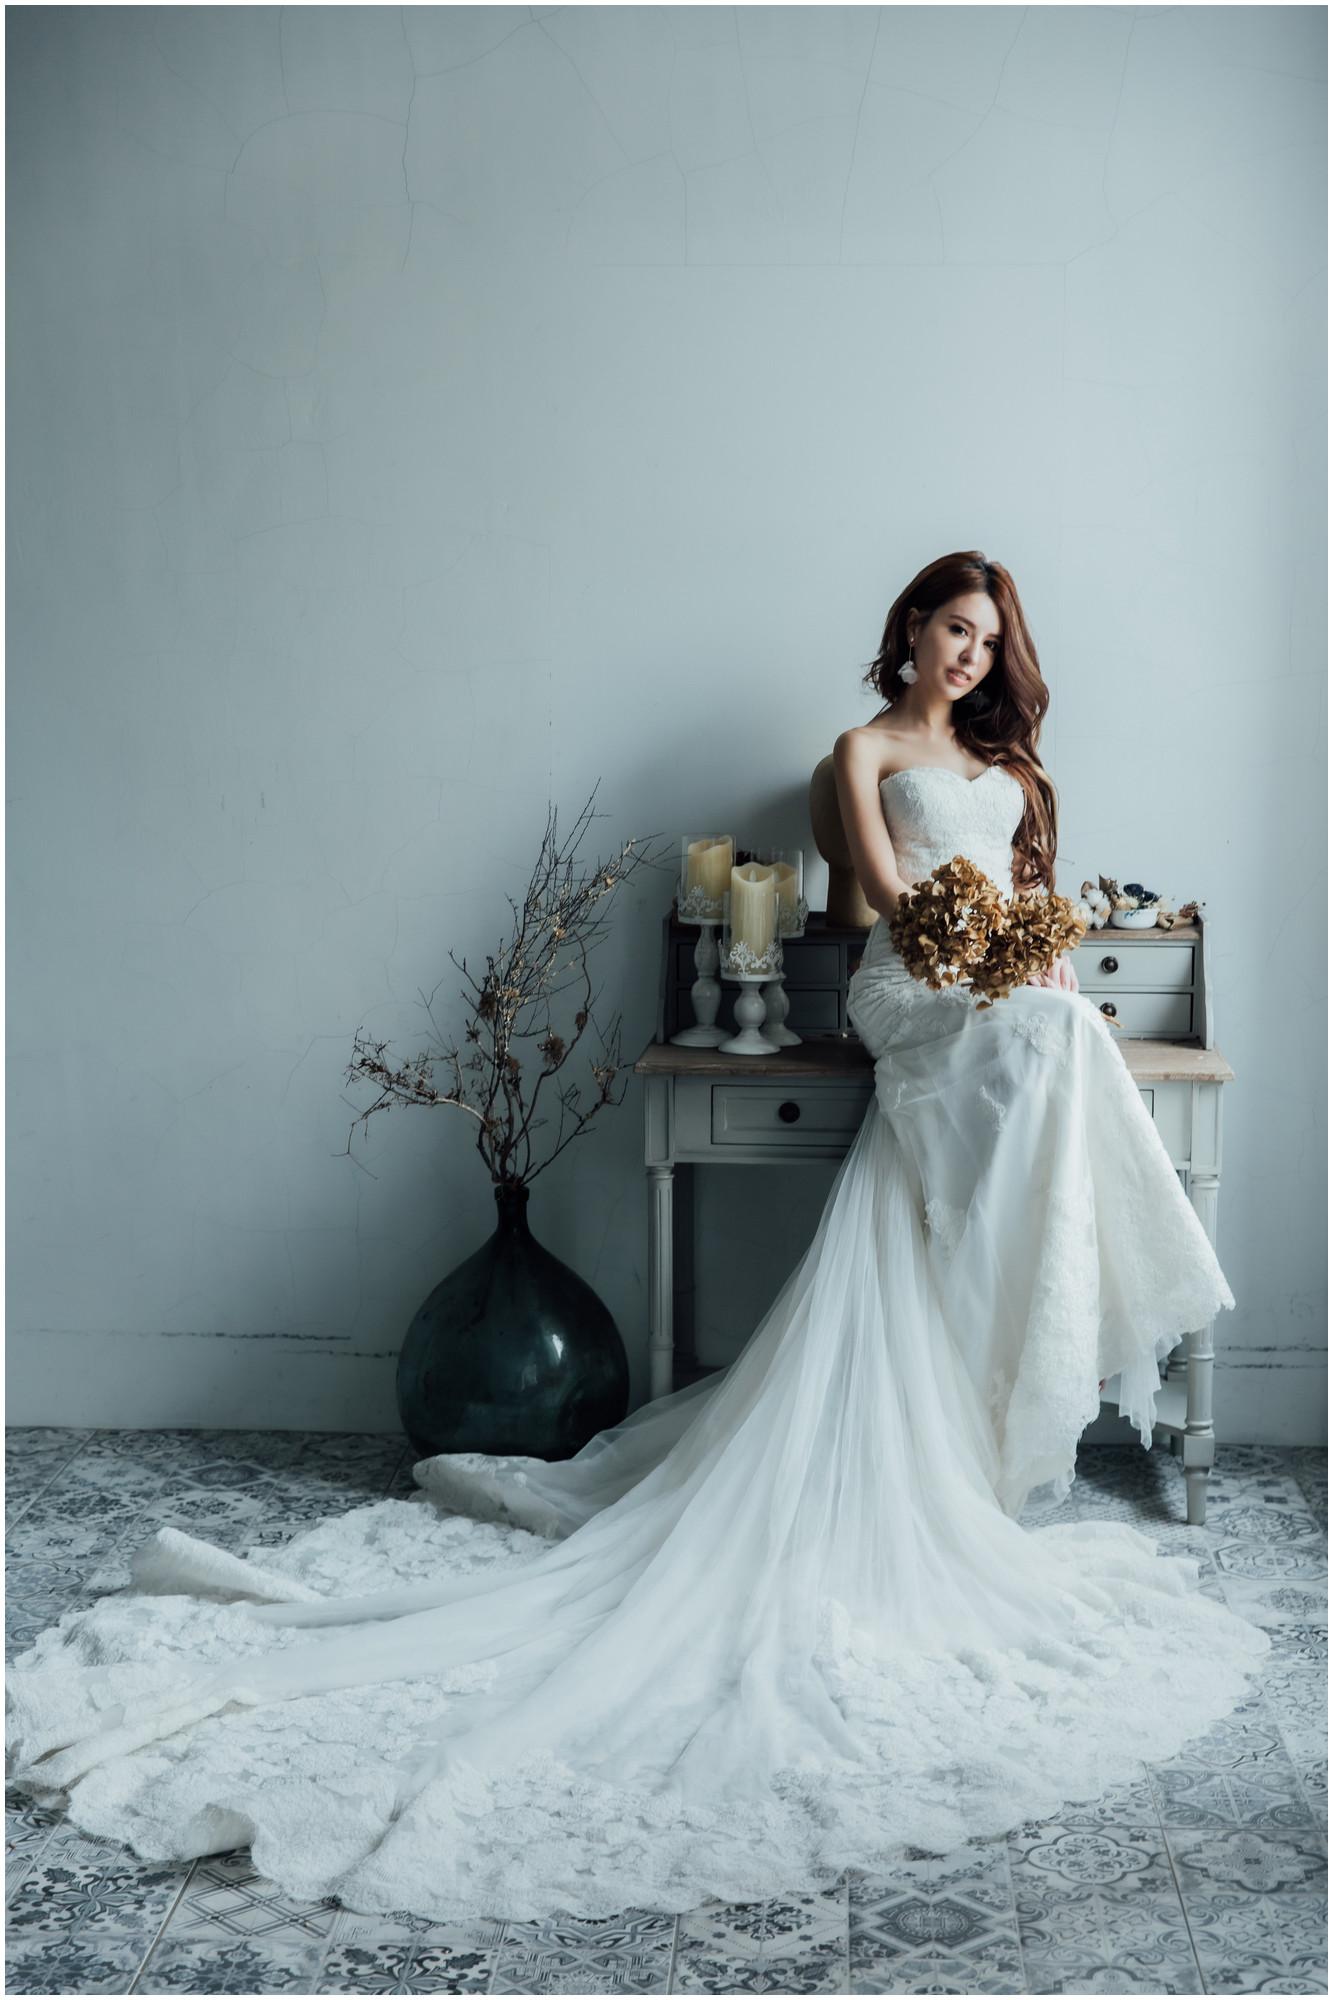 親子婚紗 / 寵物婚紗 / 寵物寫真 / 自然捲棚拍 / 板橋婚紗攝影 / 素人寫真